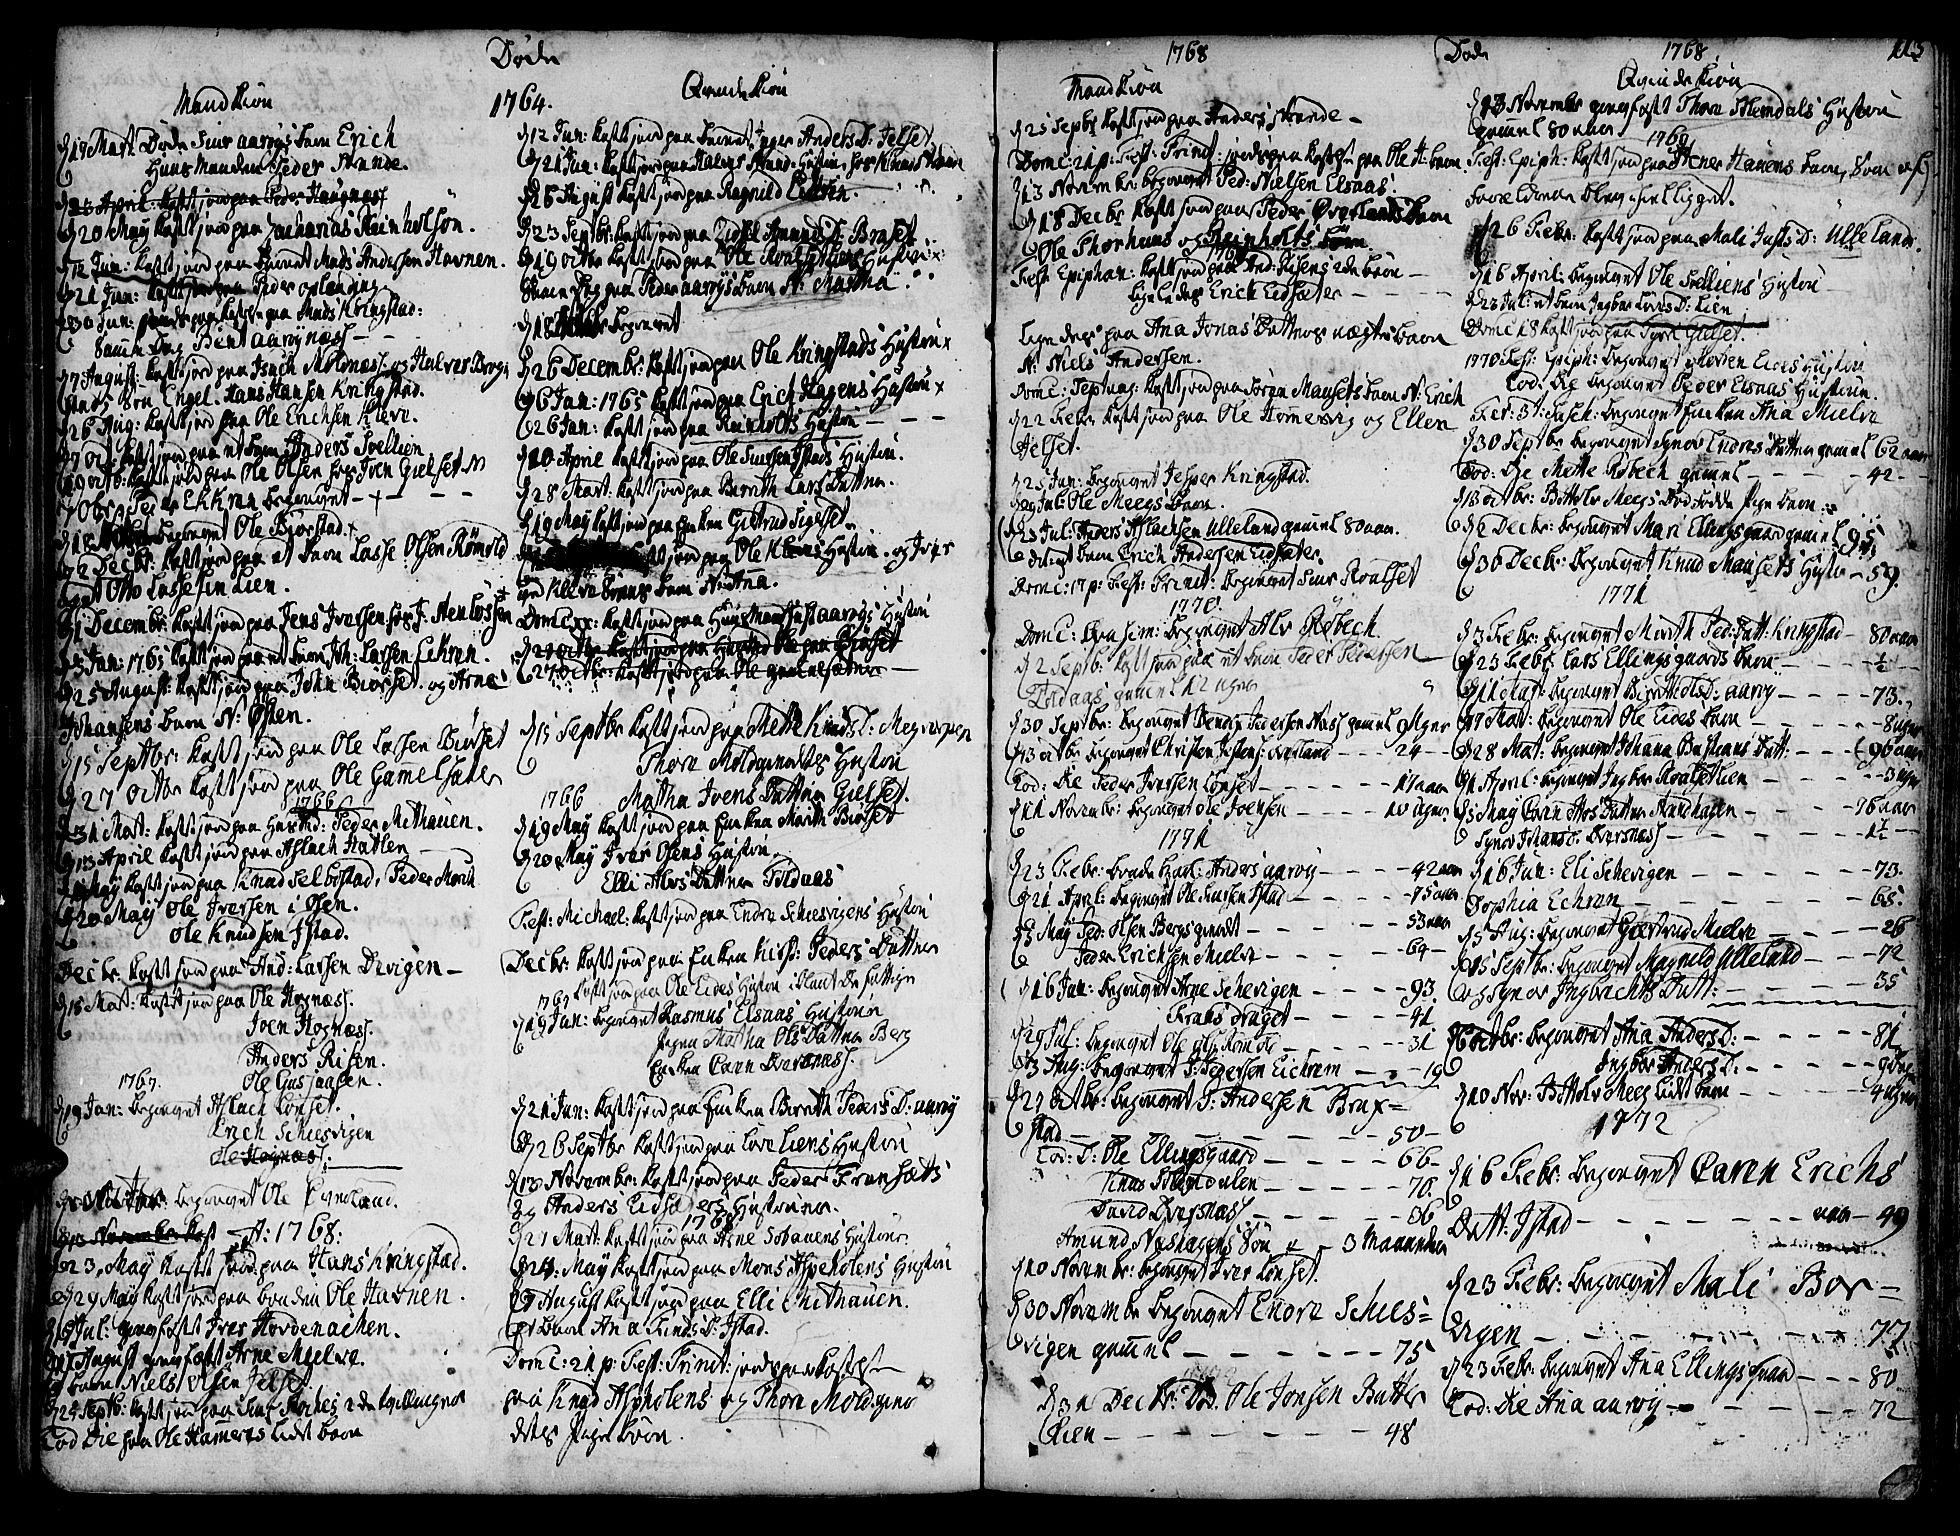 SAT, Ministerialprotokoller, klokkerbøker og fødselsregistre - Møre og Romsdal, 555/L0648: Ministerialbok nr. 555A01, 1759-1793, s. 113